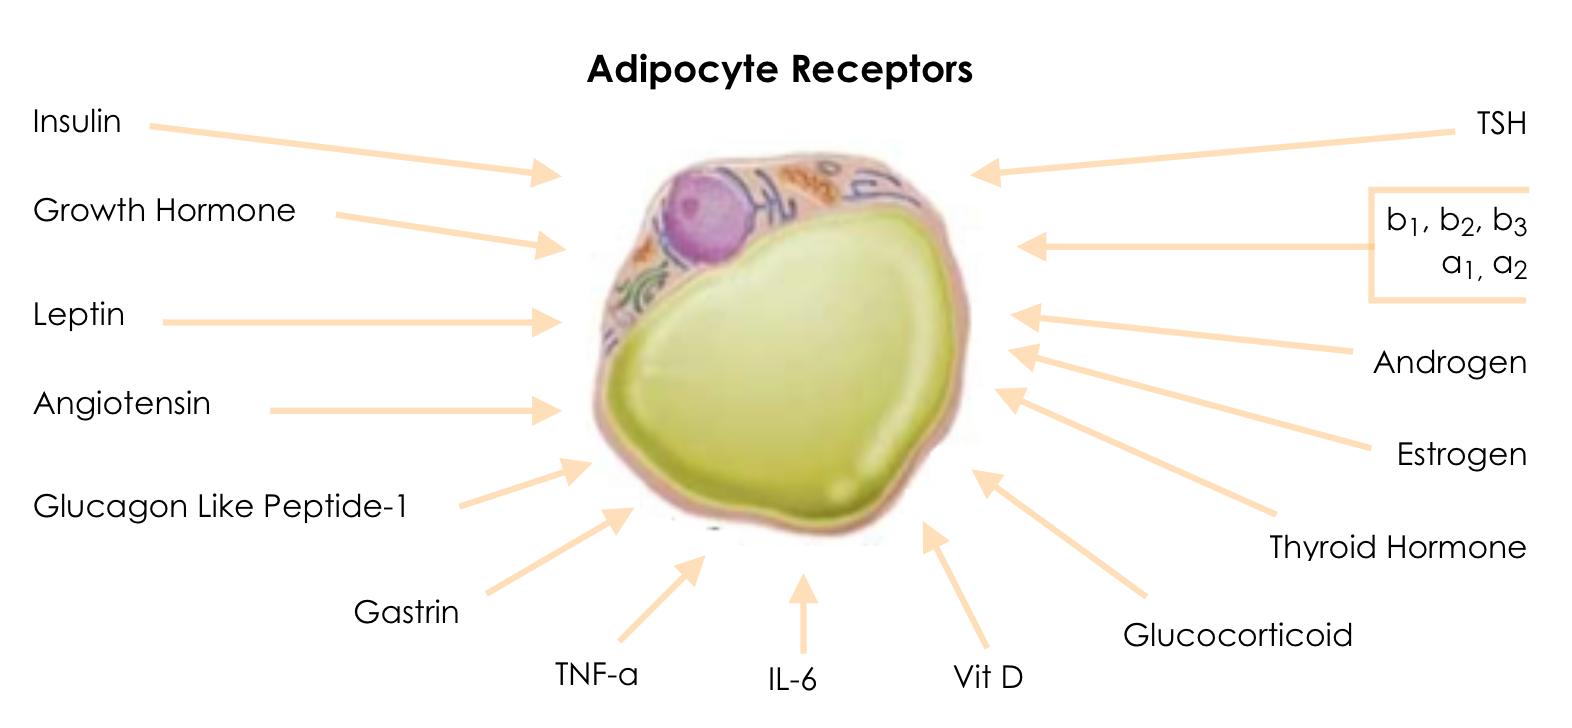 """adipose-receptors """"width ="""" 451 """"height ="""" 209 """"srcset ="""" https://www.zenergies-nature-sante.fr/wp-content/uploads/2019/12/adipose-receptors.png 1572w, https: // www. kinesiologyconcepts.com/wp-content/uploads/2016/01/adipose-receptors-416x193.png 416w """"values ="""" (max-width: 451px) 100vw, 451px """"/></p></noscript> <p>Le cours Metabolic BioMarkers examine 12 sites spécifiques en corrélation avec le tissu adipeux (cellules adipeuses) en tant qu'organe métabolique et endocrinien complexe, essentiel et hautement actif. Cela comprend une compréhension des schémas individuels de répartition des graisses et de leurs associations liées à la santé.</p> <p><img class="""